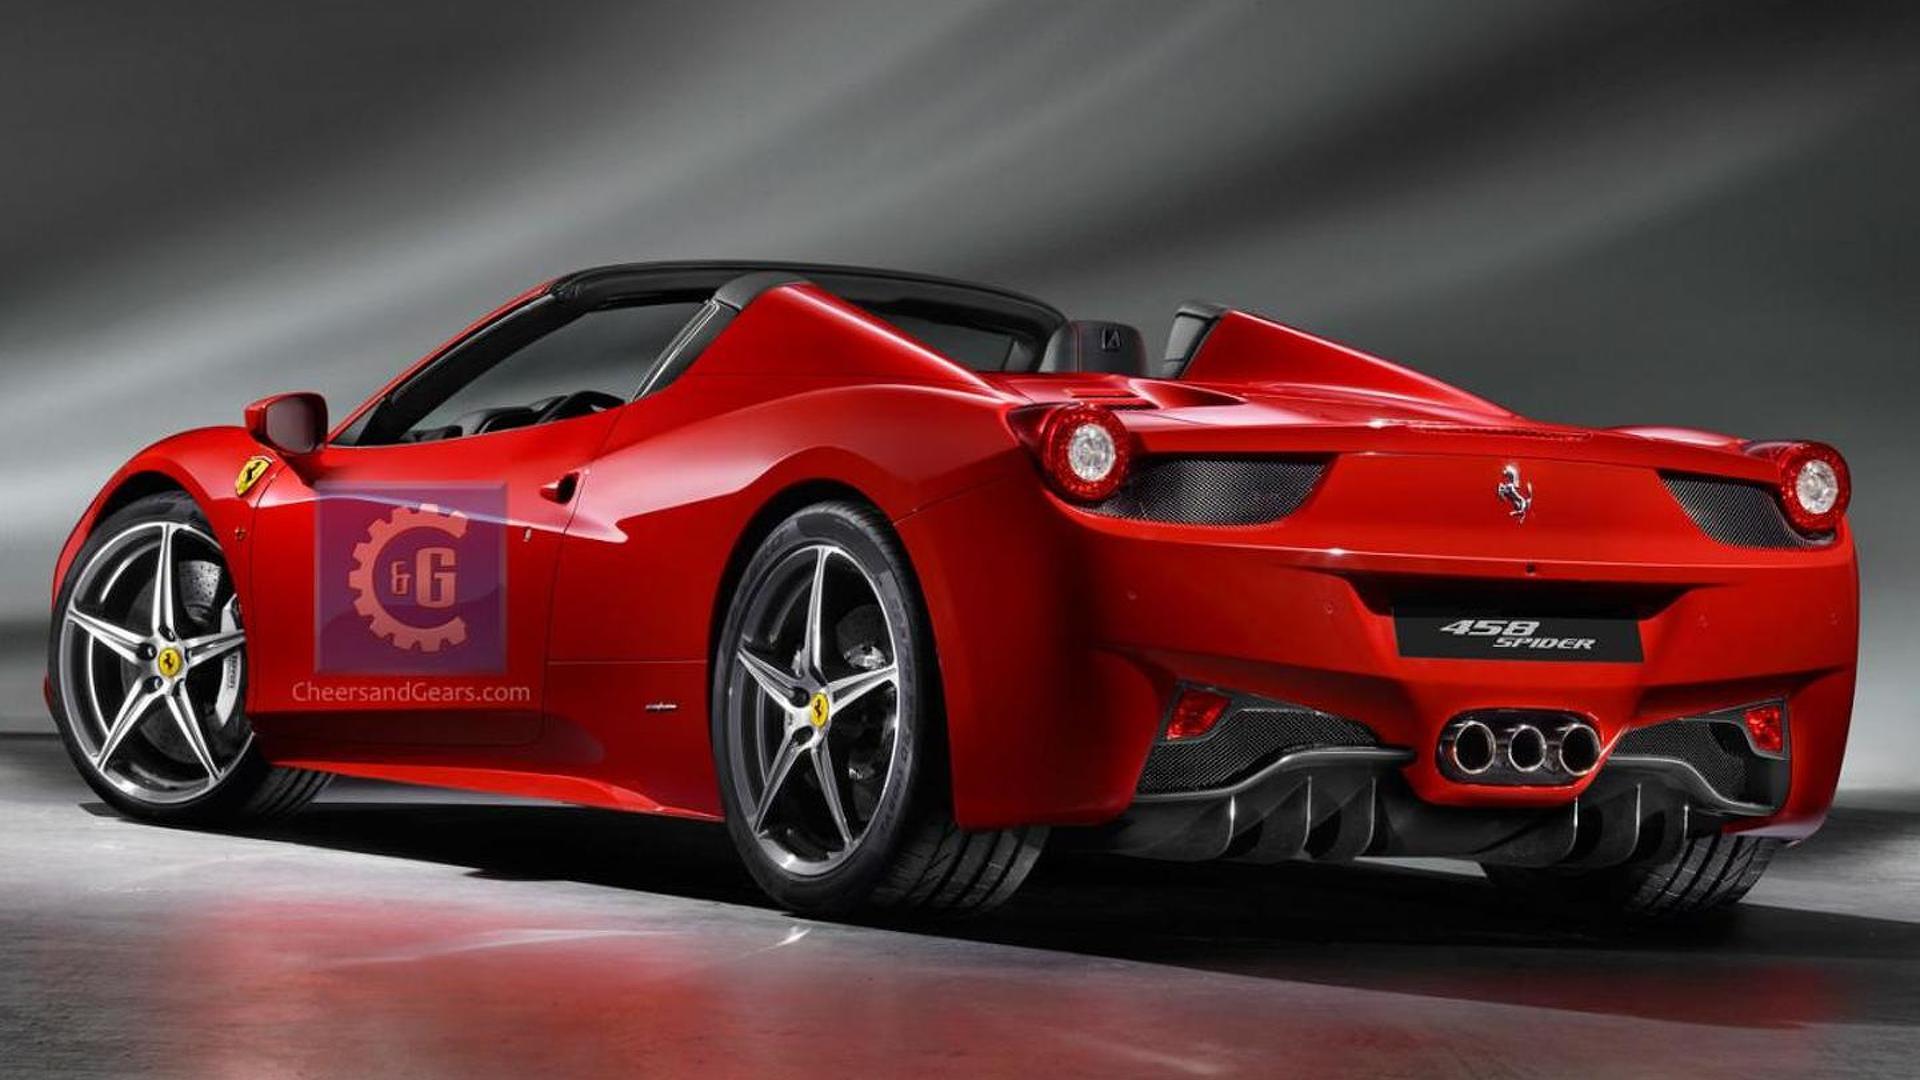 Ferrari 458 Spider Leaked